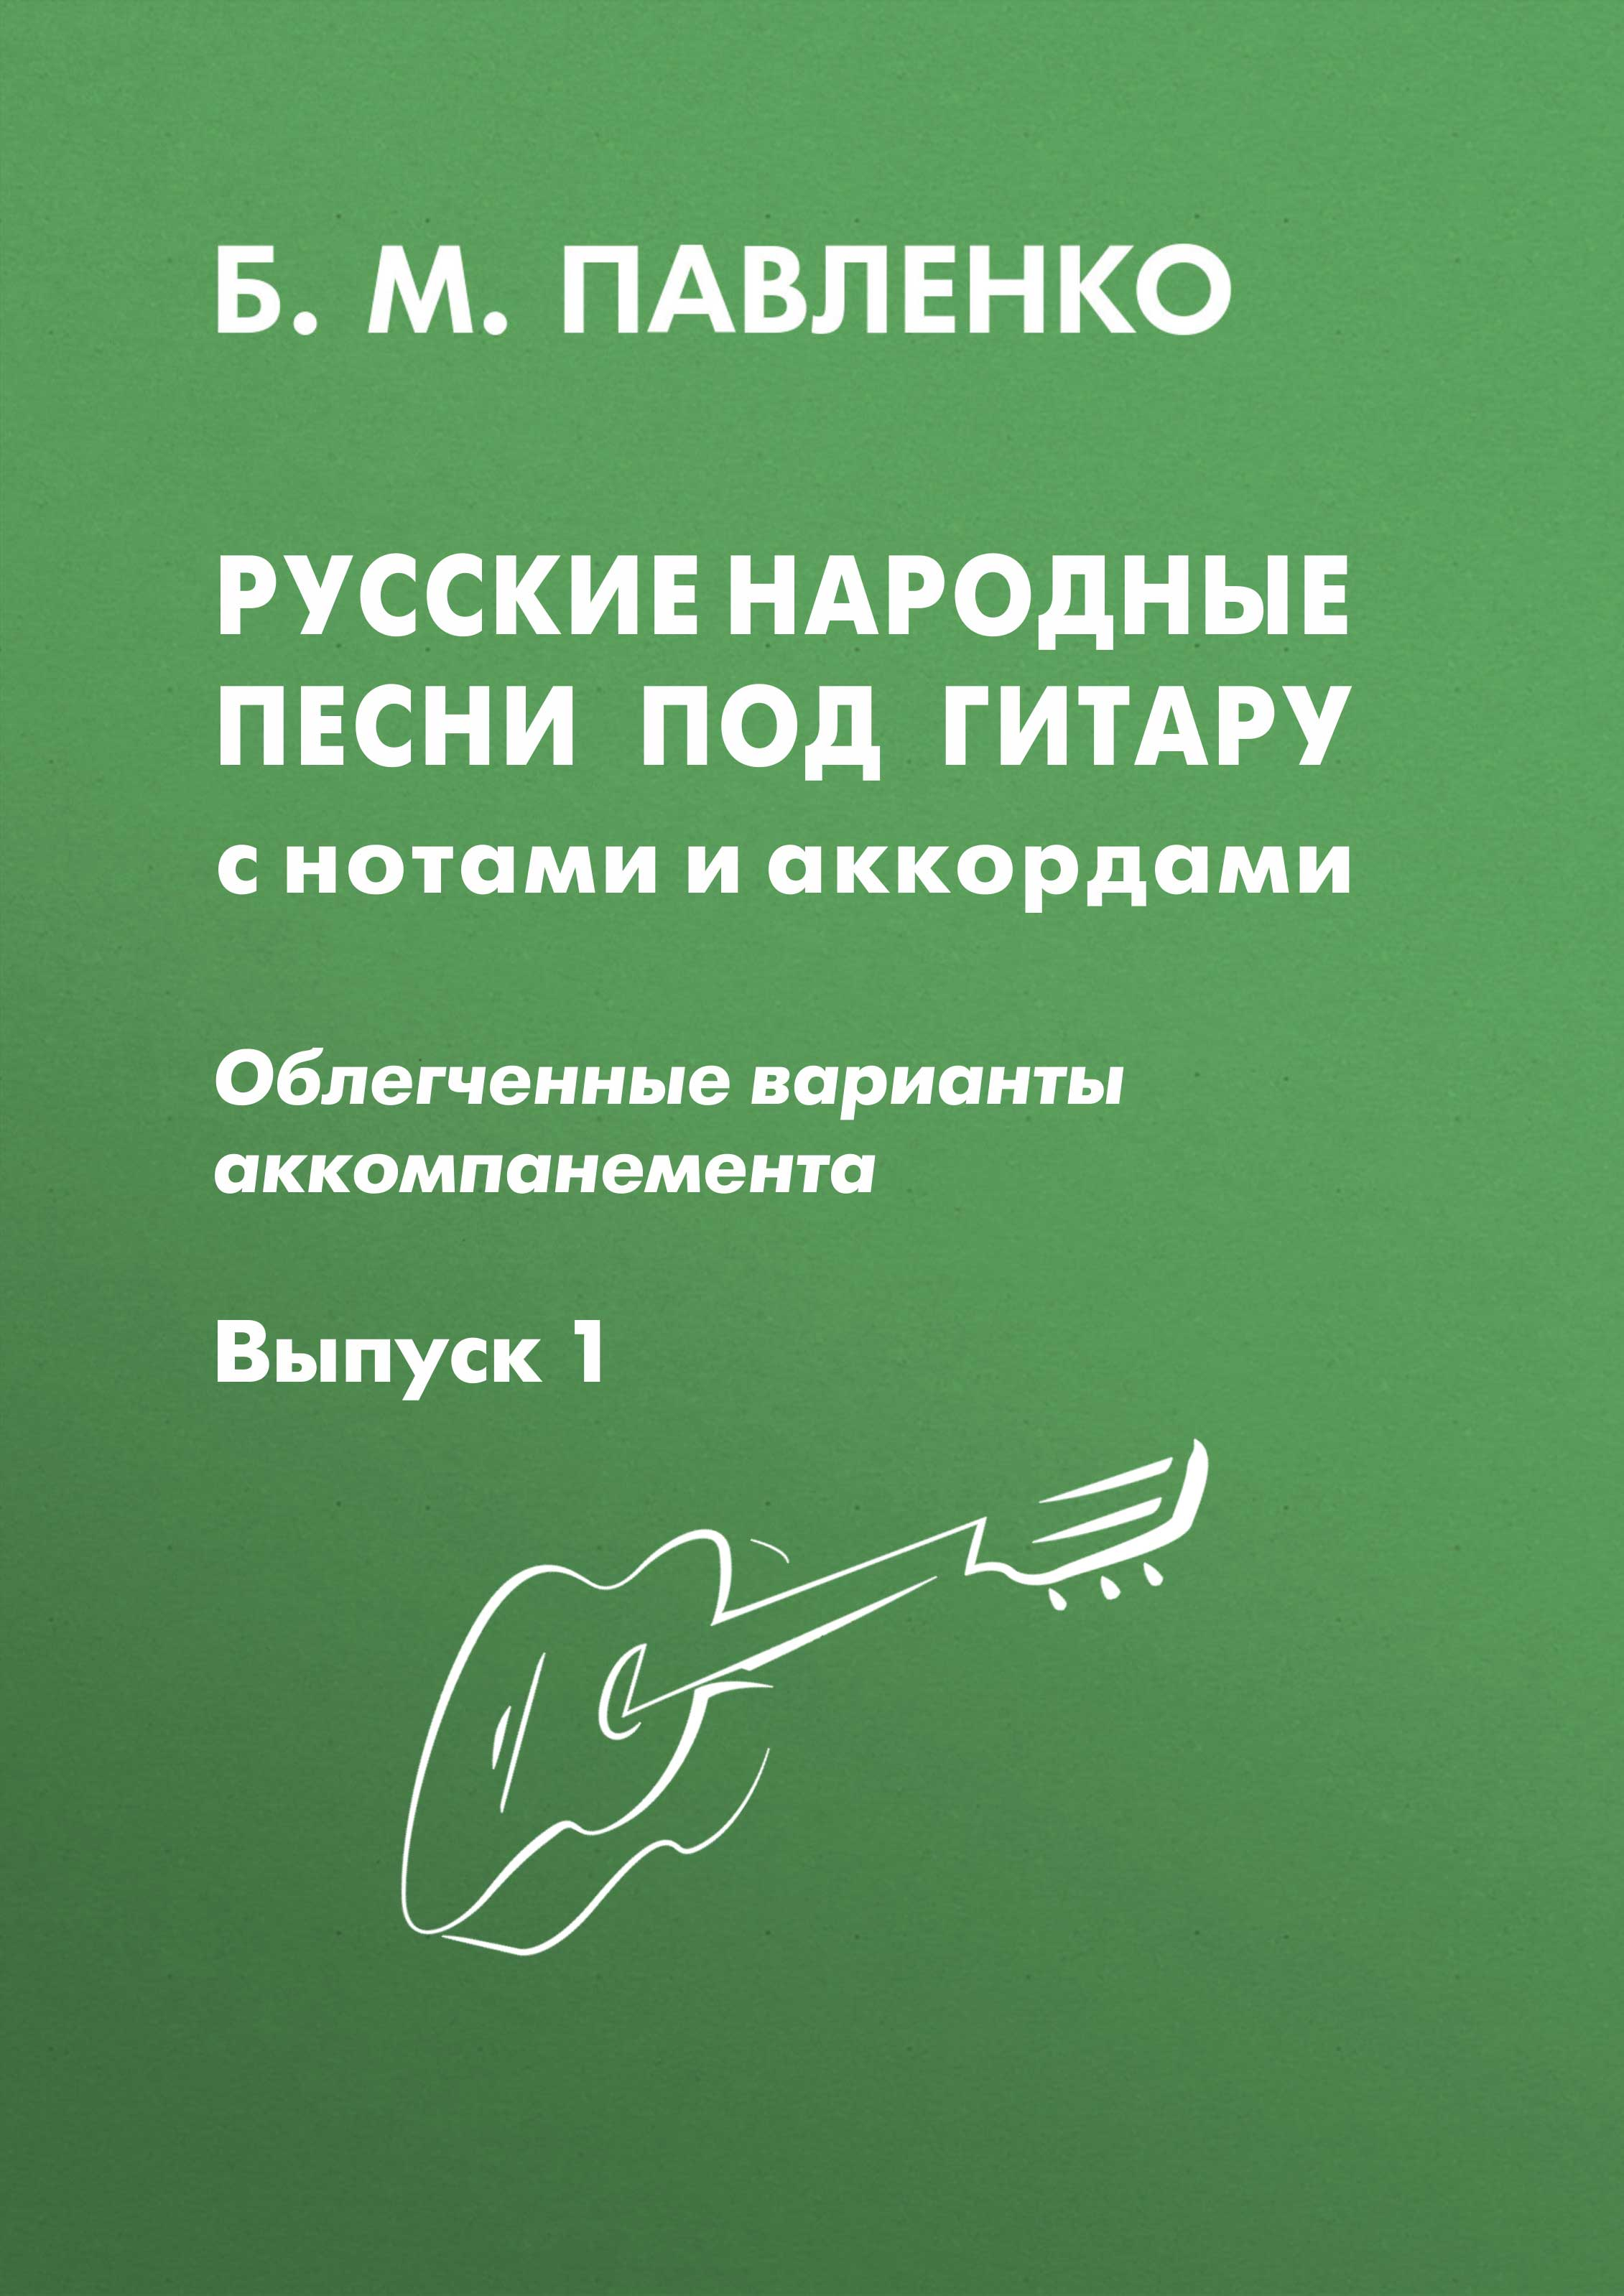 Б. М. Павленко Русские народные песни под с нотами и аккордами (облегченные варианты аккомпанемента). Выпуск 1